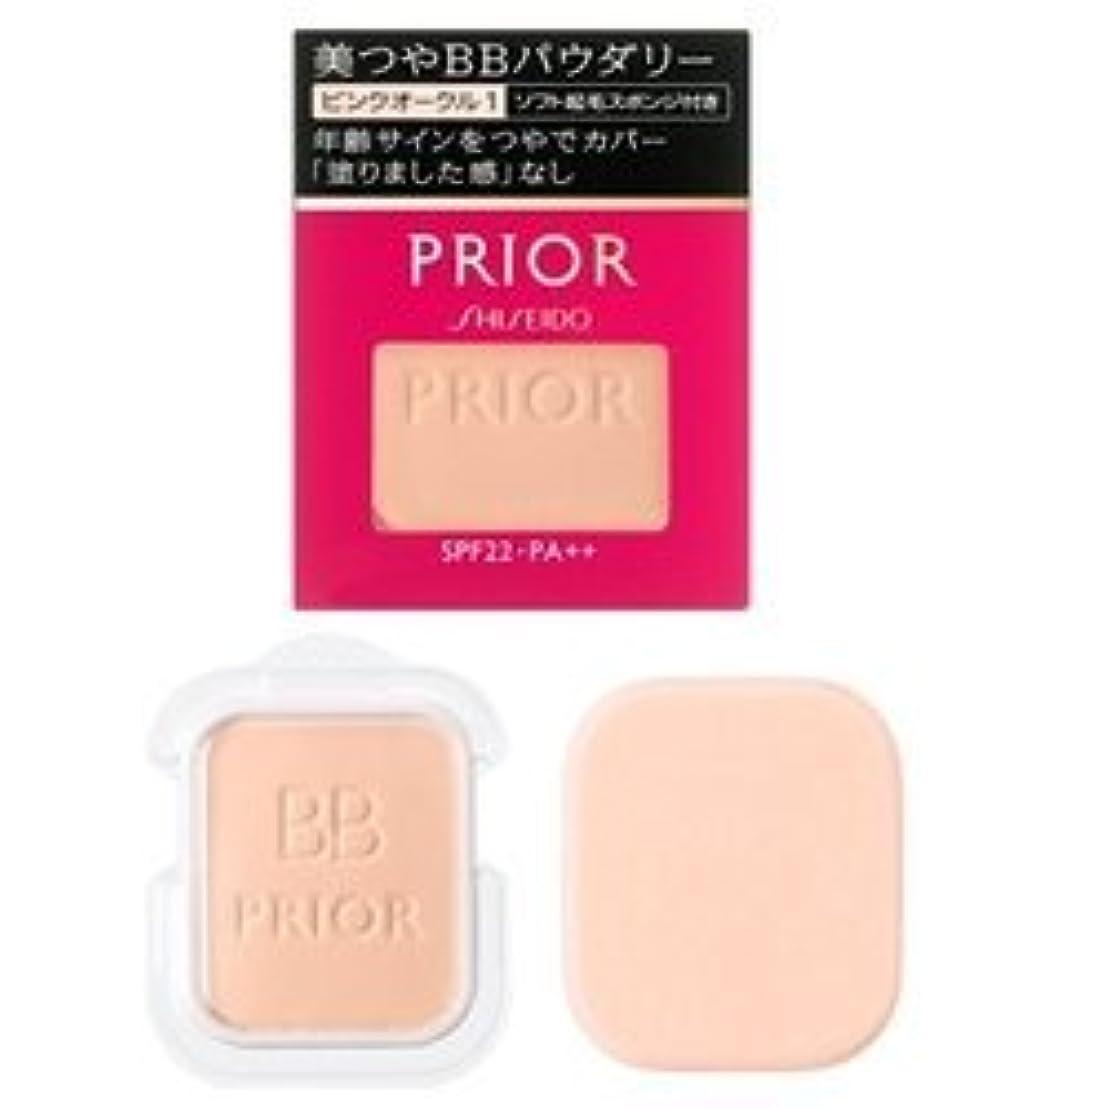 アベニュー概念ポータブル資生堂 プリオール 美つやBBパウダリー ピンクオークル1